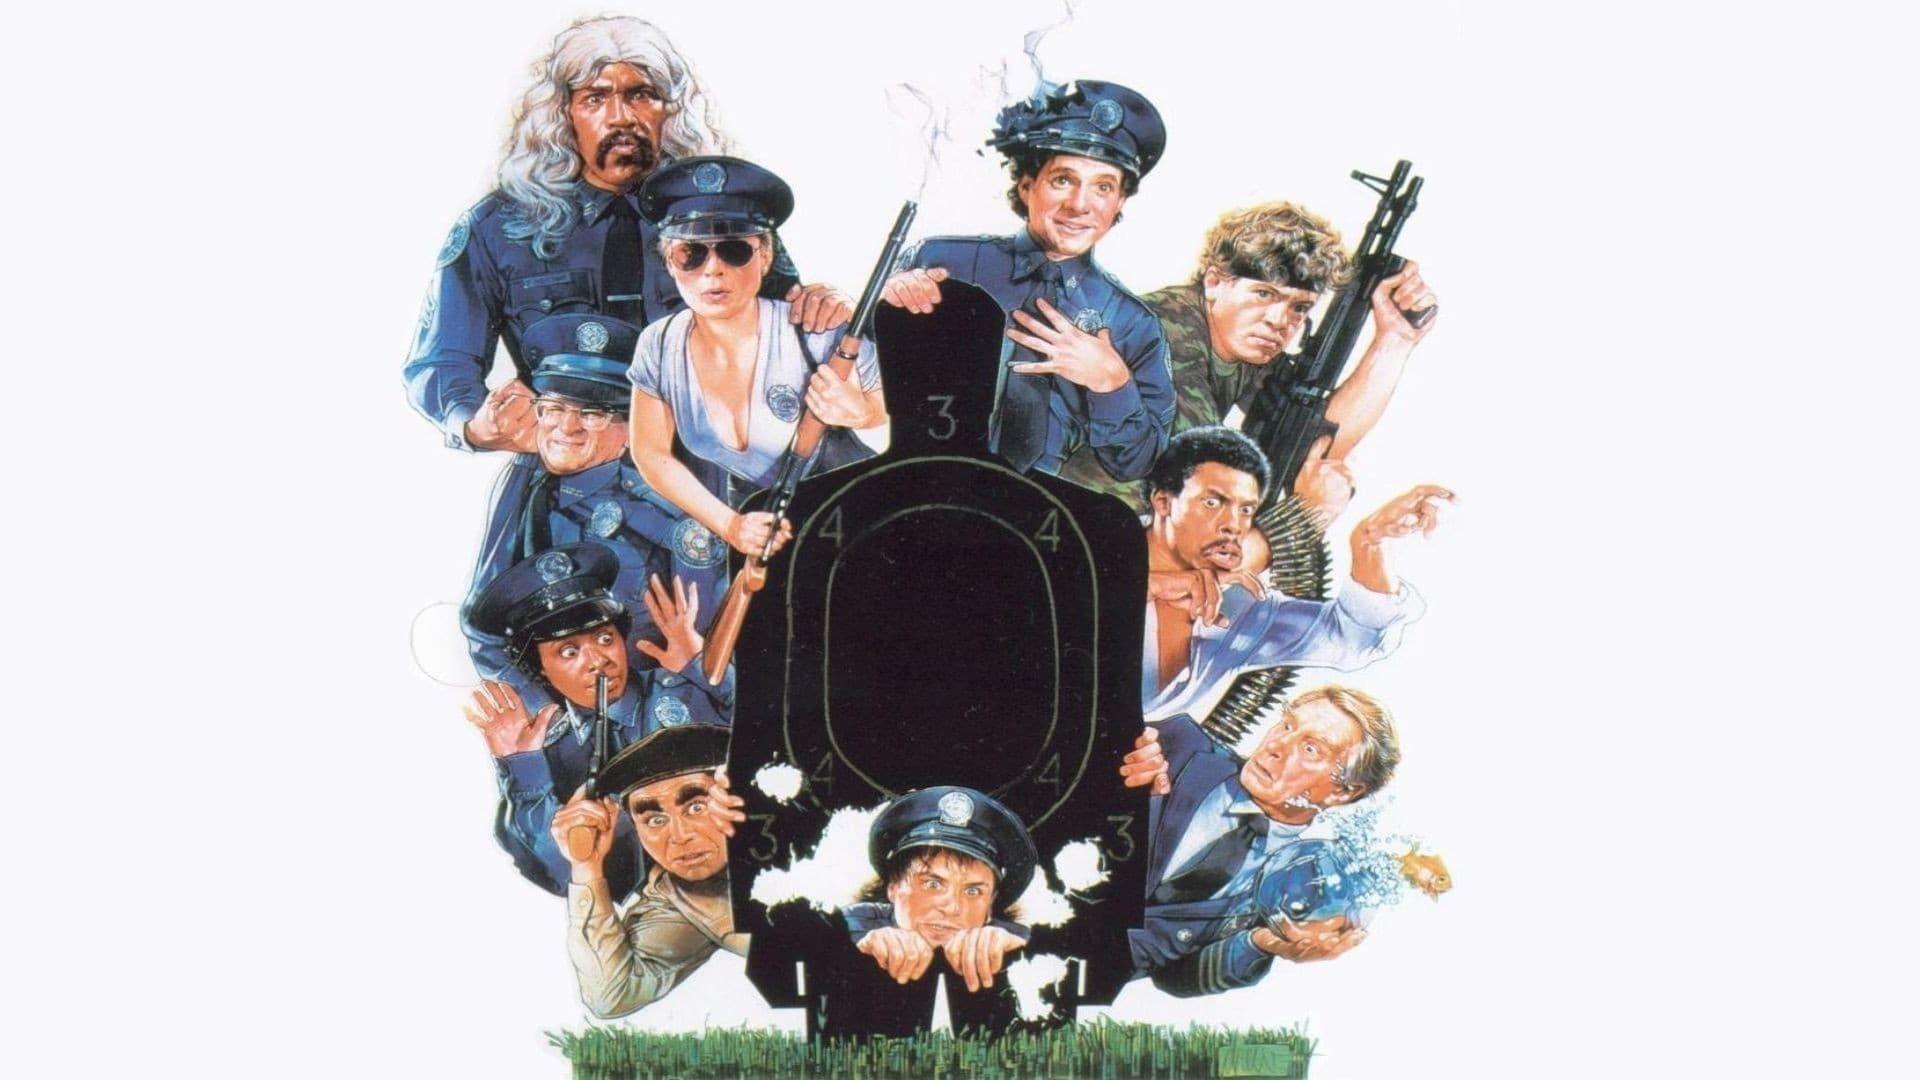 Politiskolen 3 Tilbake I Trening 1986 Film Norsk Undertekst Pa Nettet Movie123de Ferske Utskikkede Klonete Sivile Som Utdannet Seg Film Biograf Skraemmende